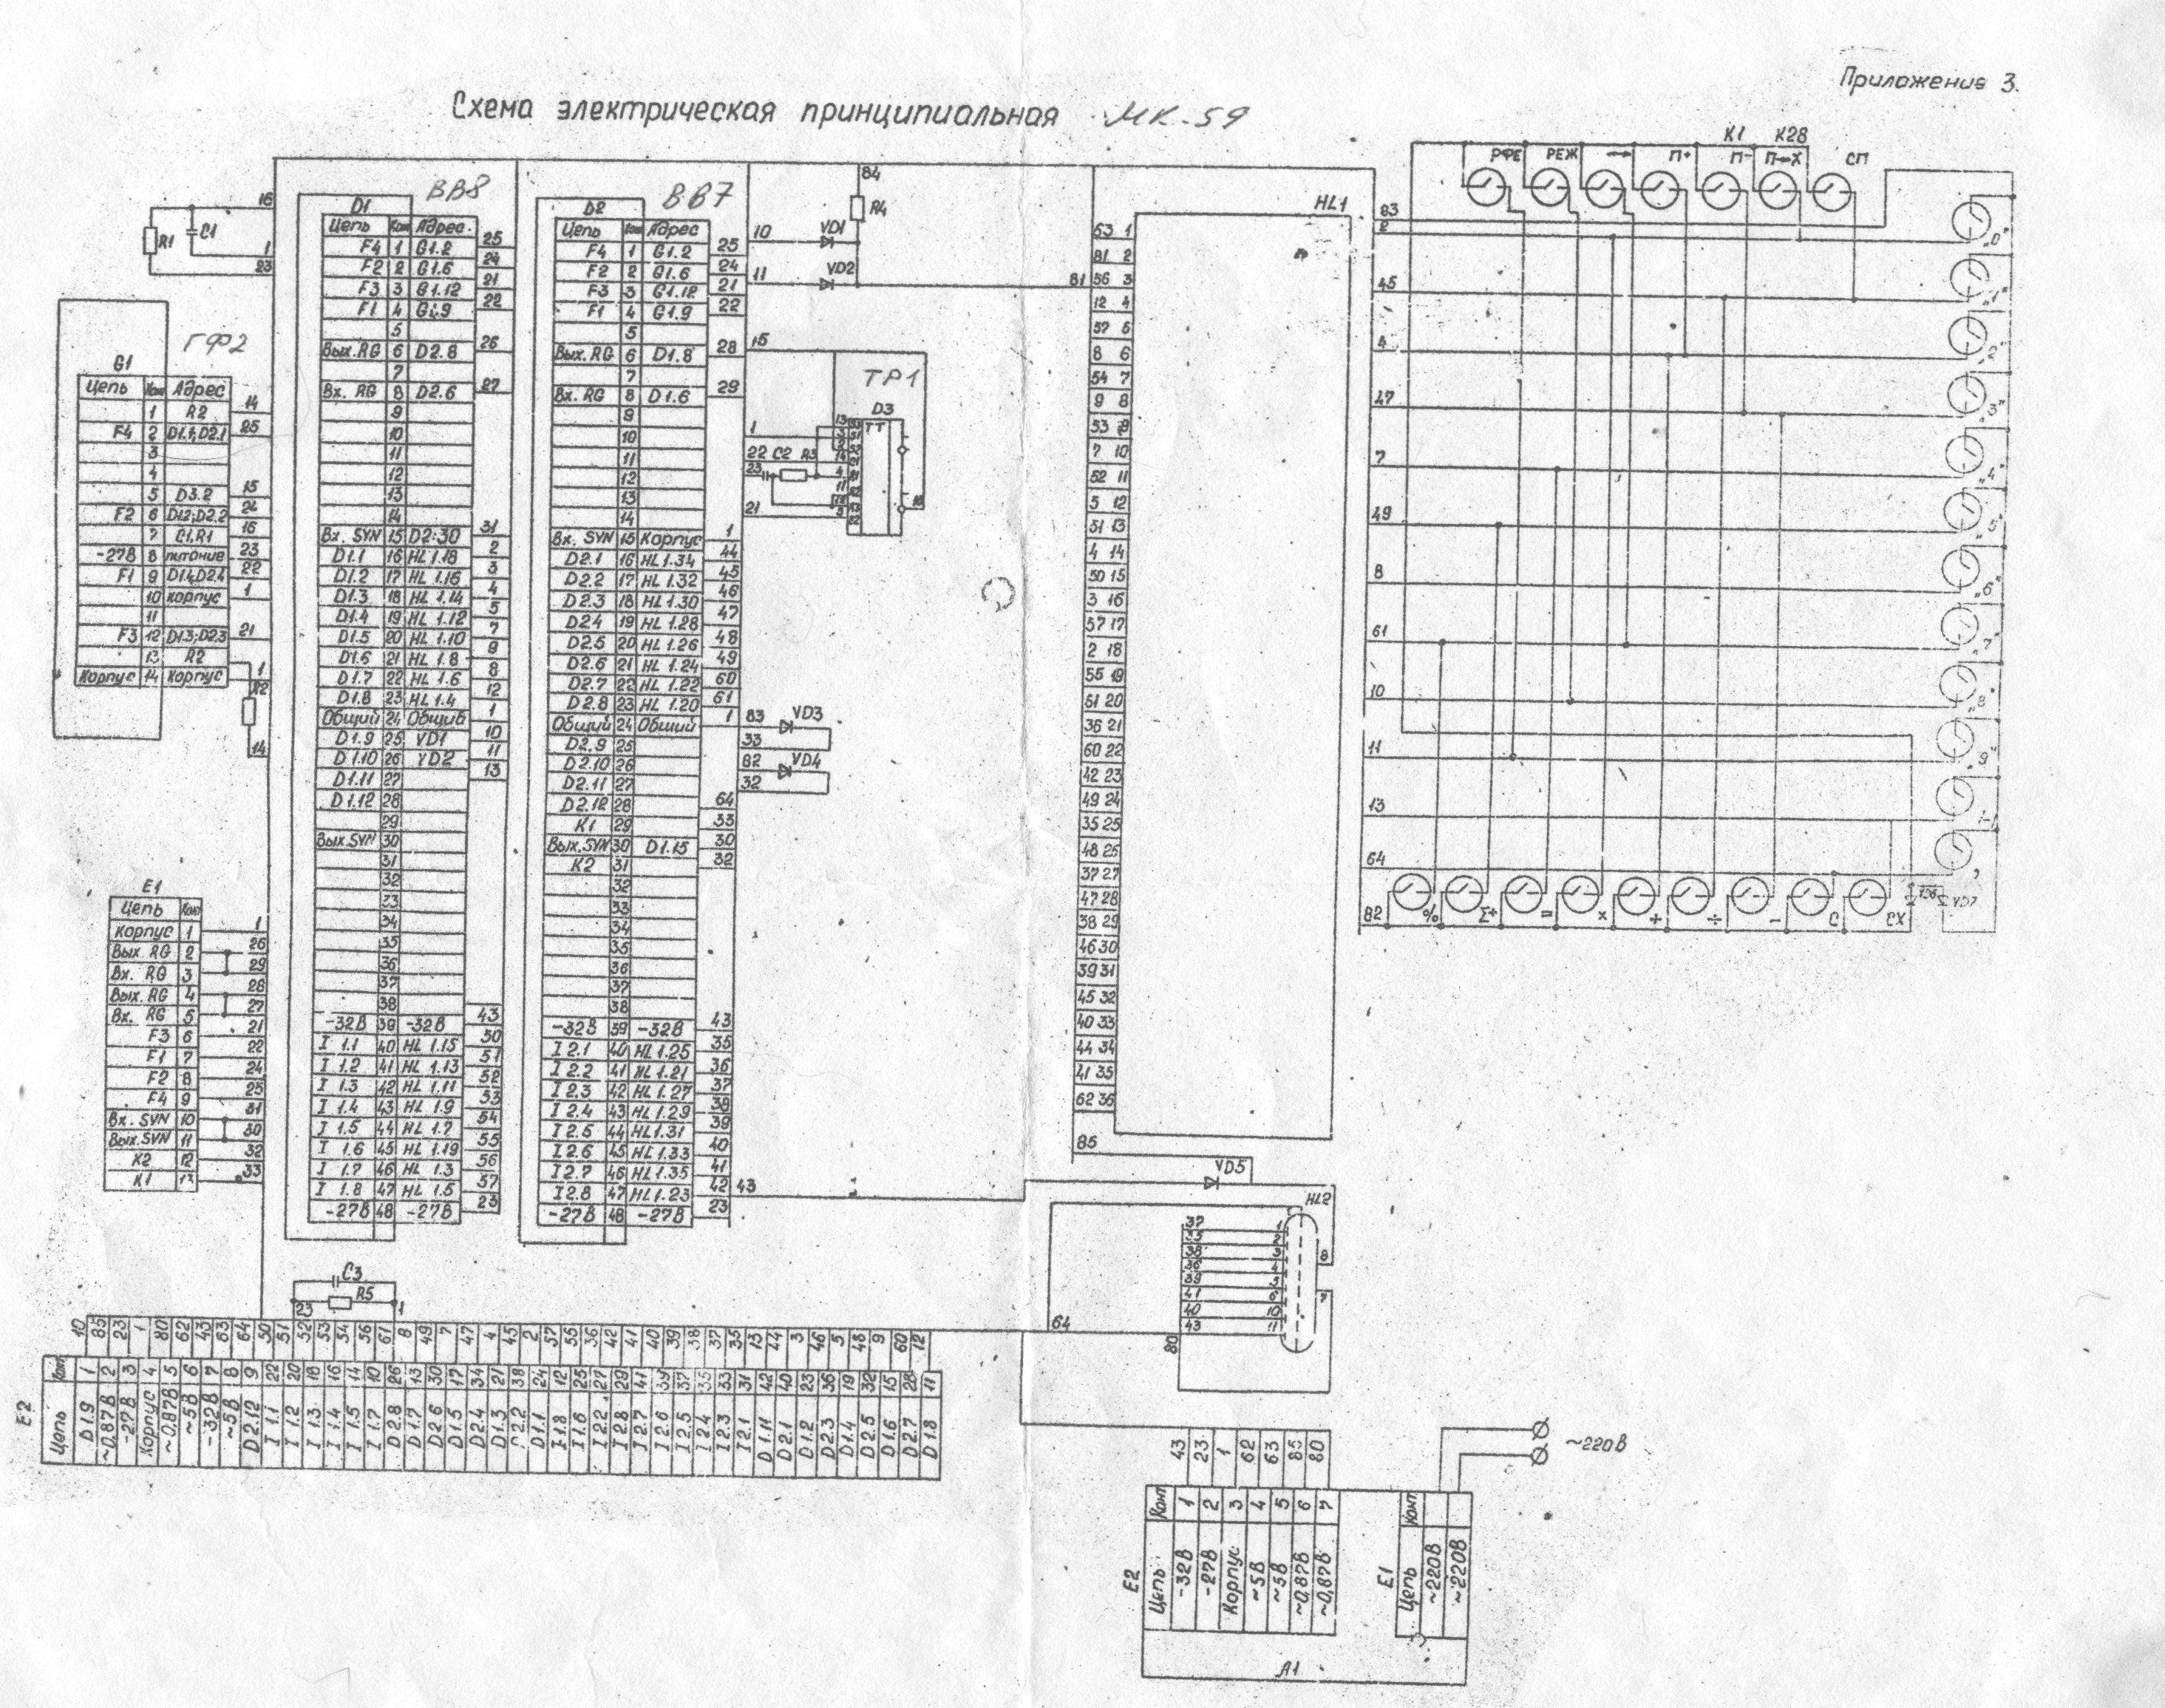 Схема электроника мк-59